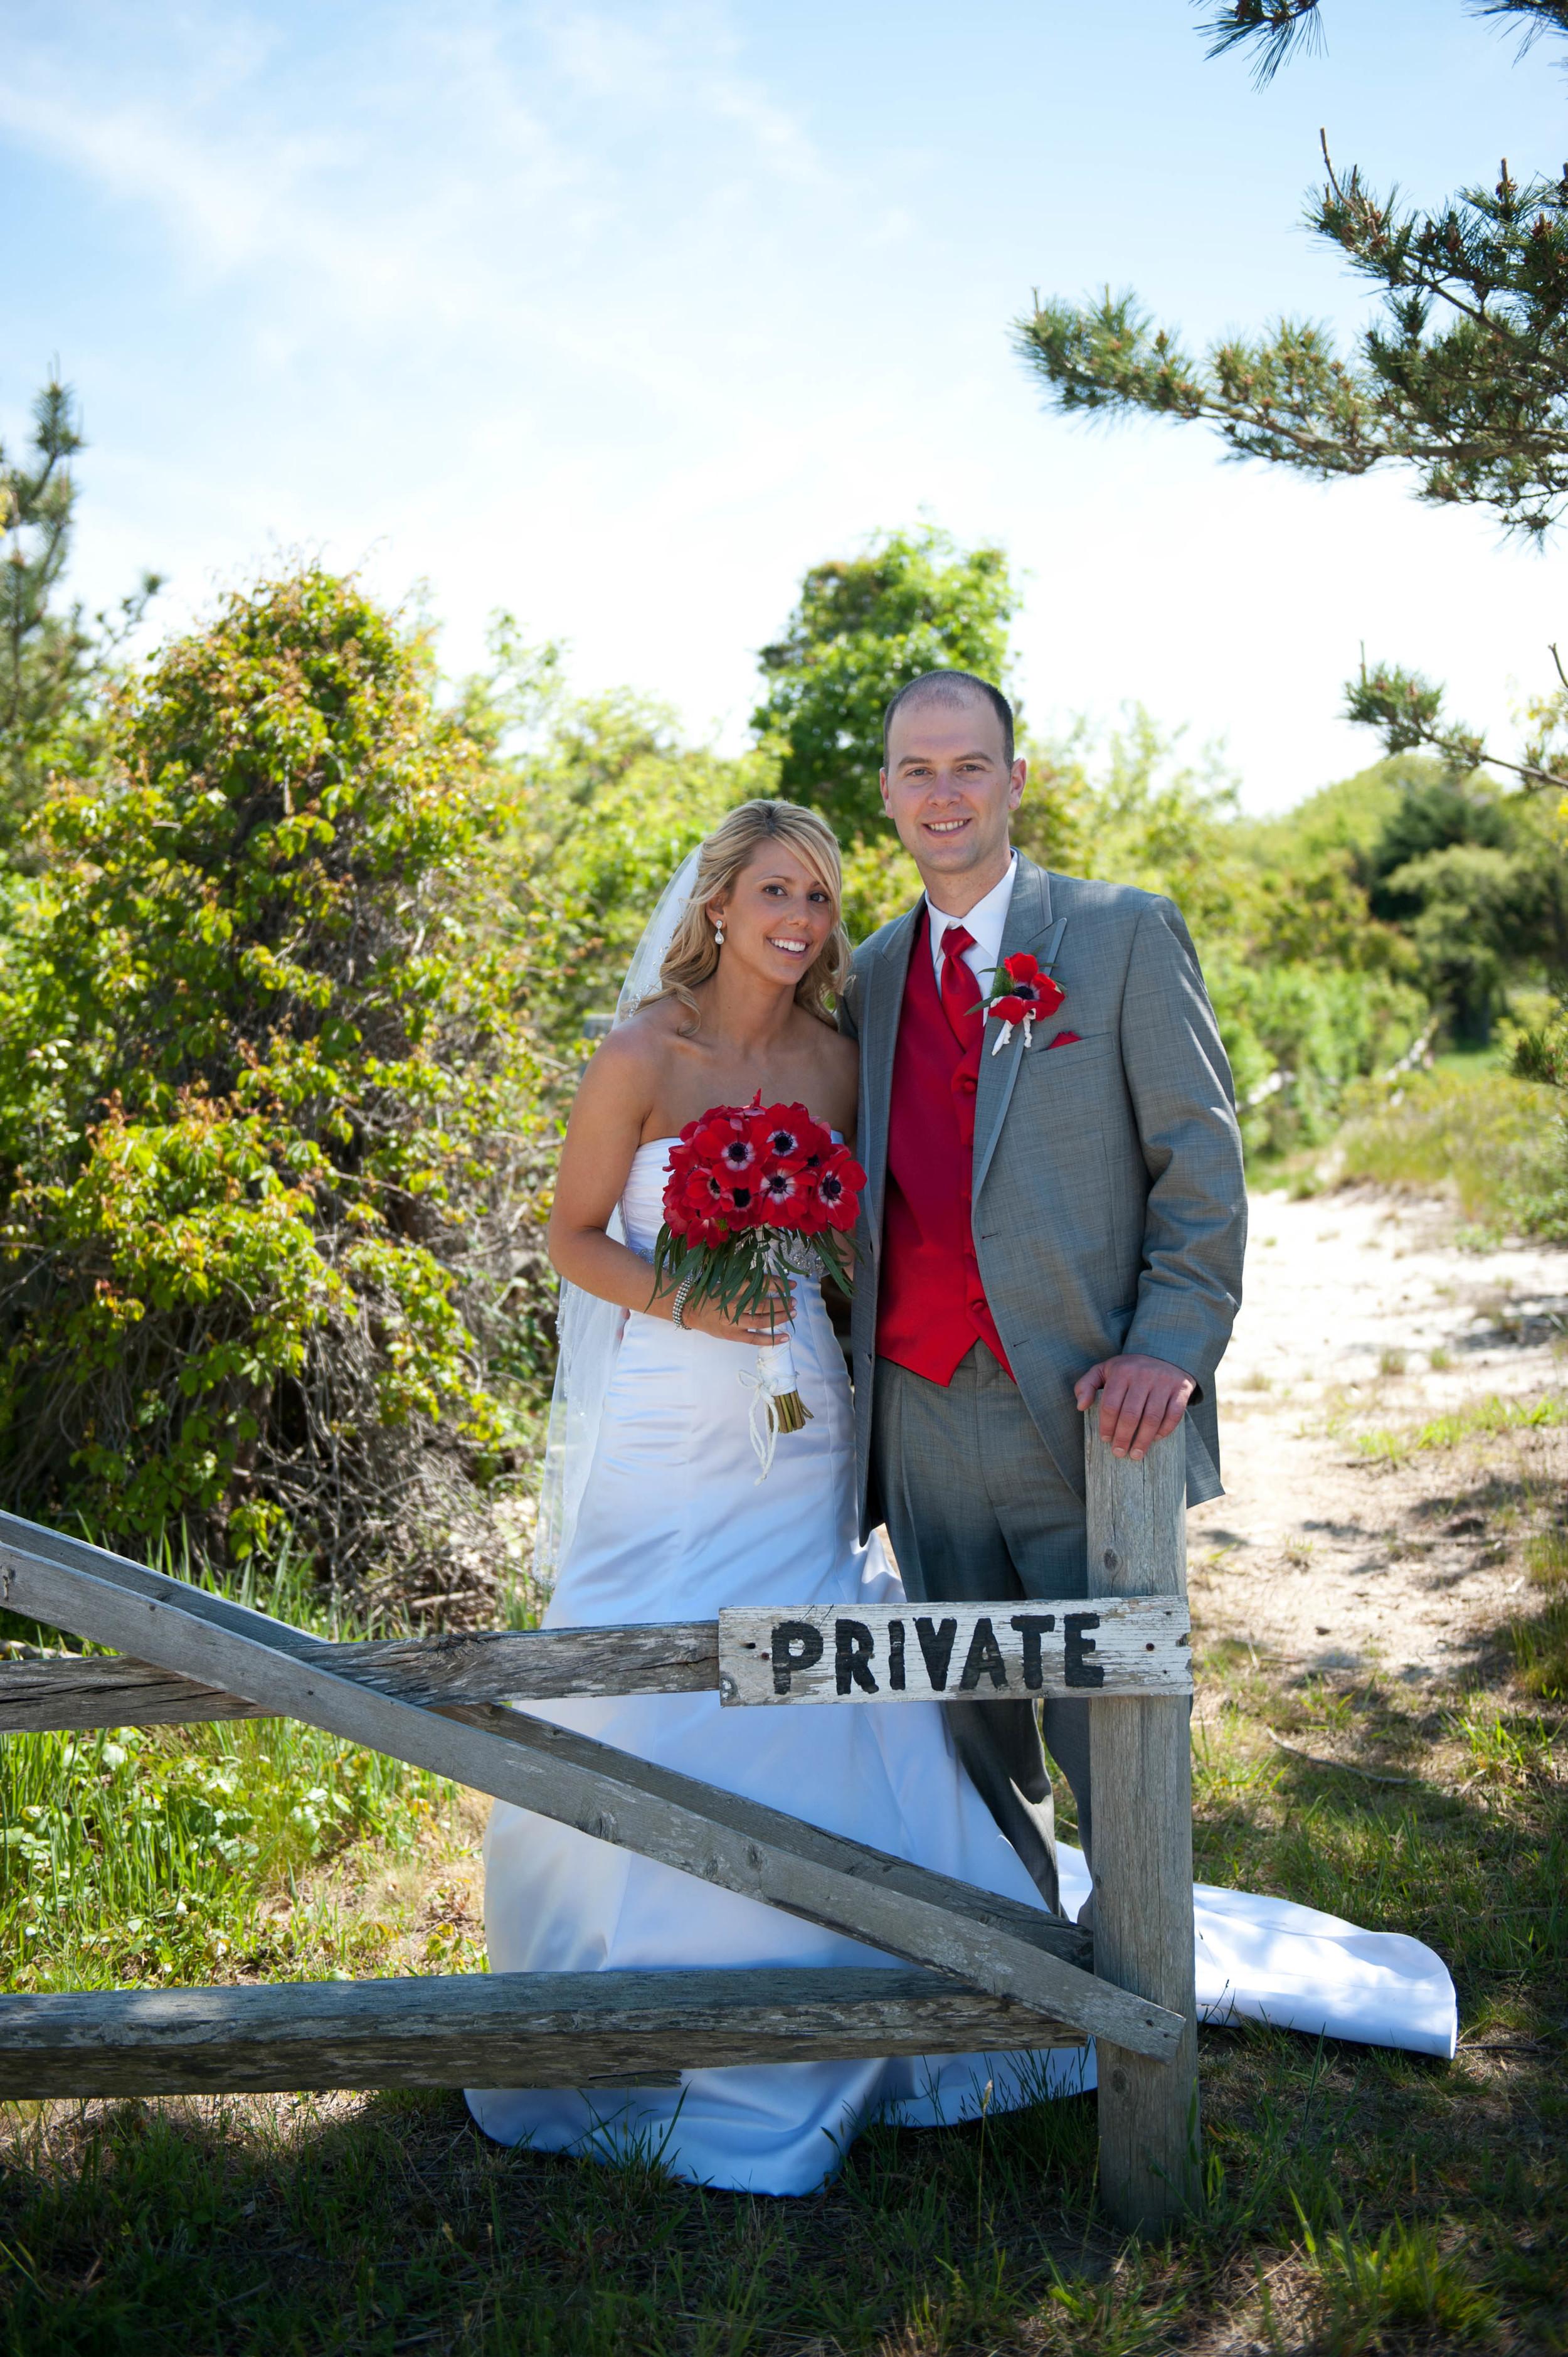 Ridge_Club_Cape_Cod_Wedding-16.jpg